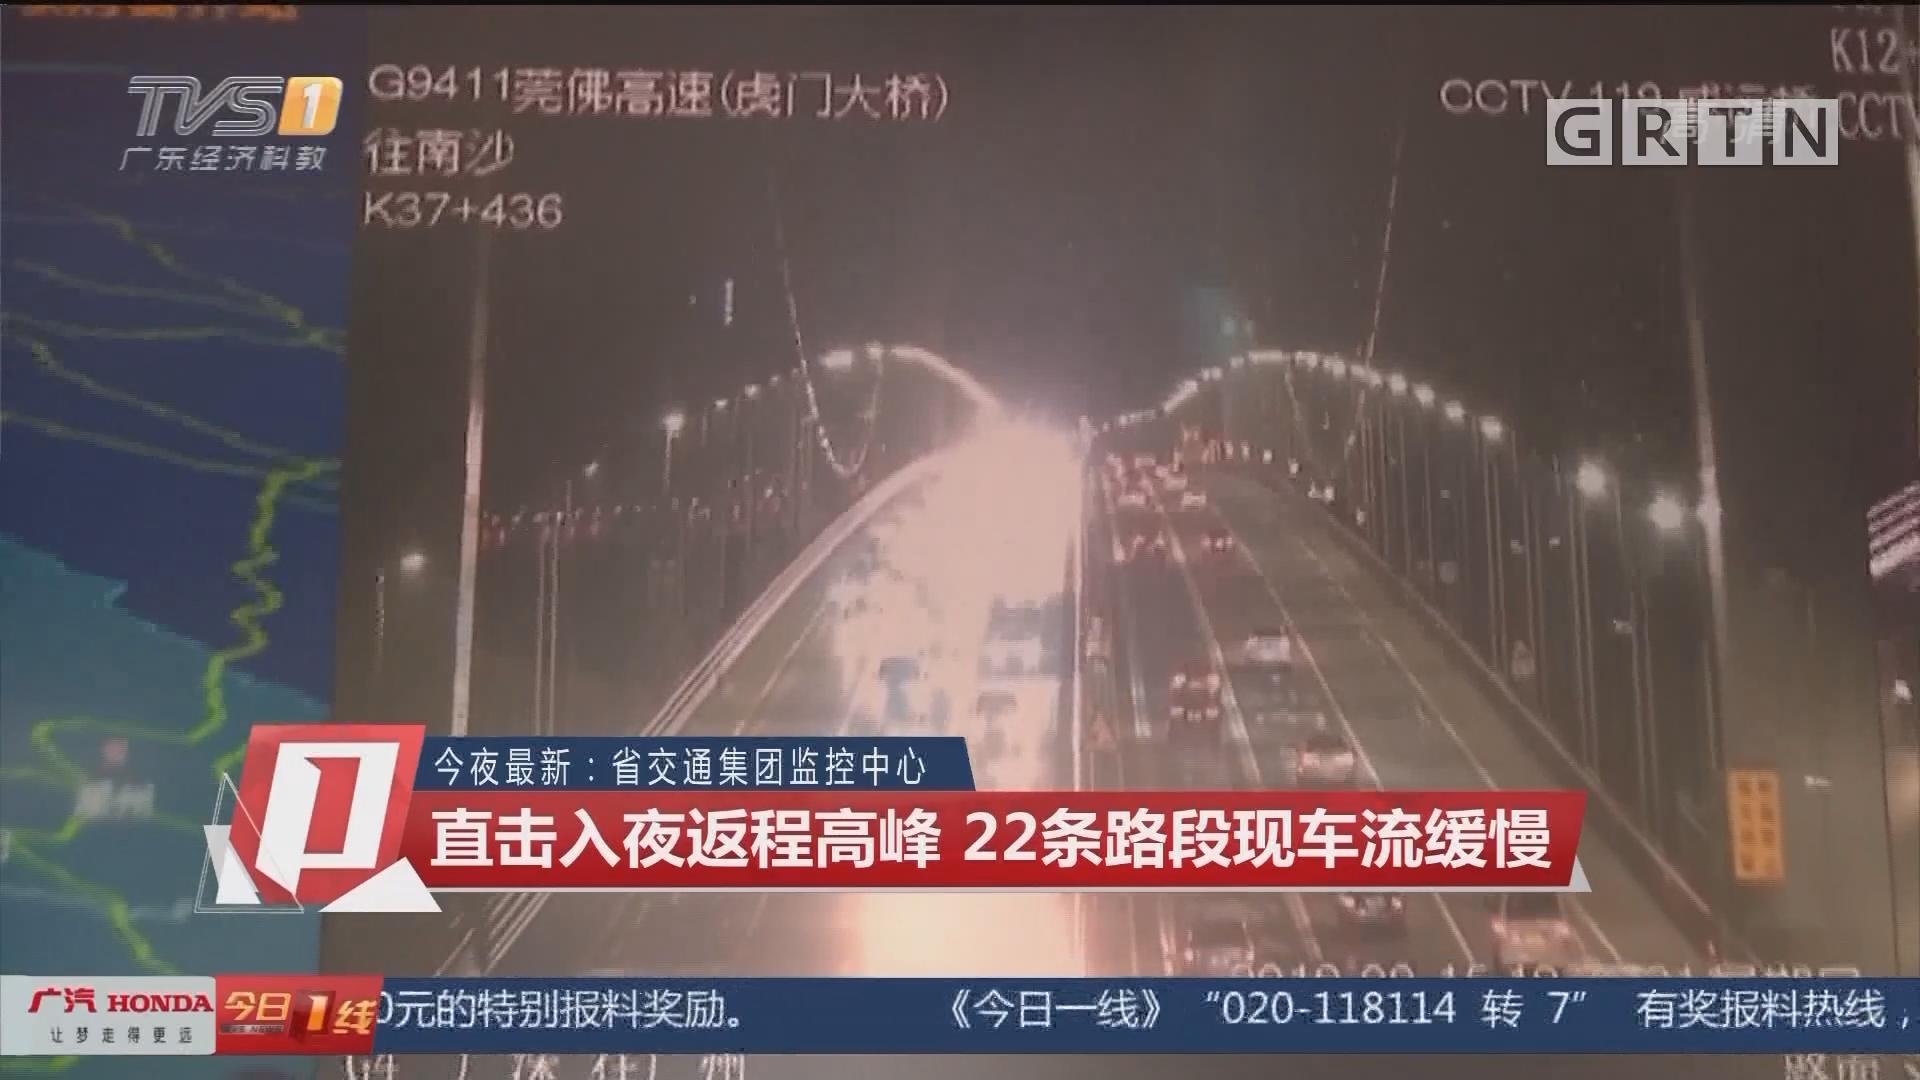 今夜最新:省交通集团监控中心 直击入夜返程高峰 22条路段现车流缓慢